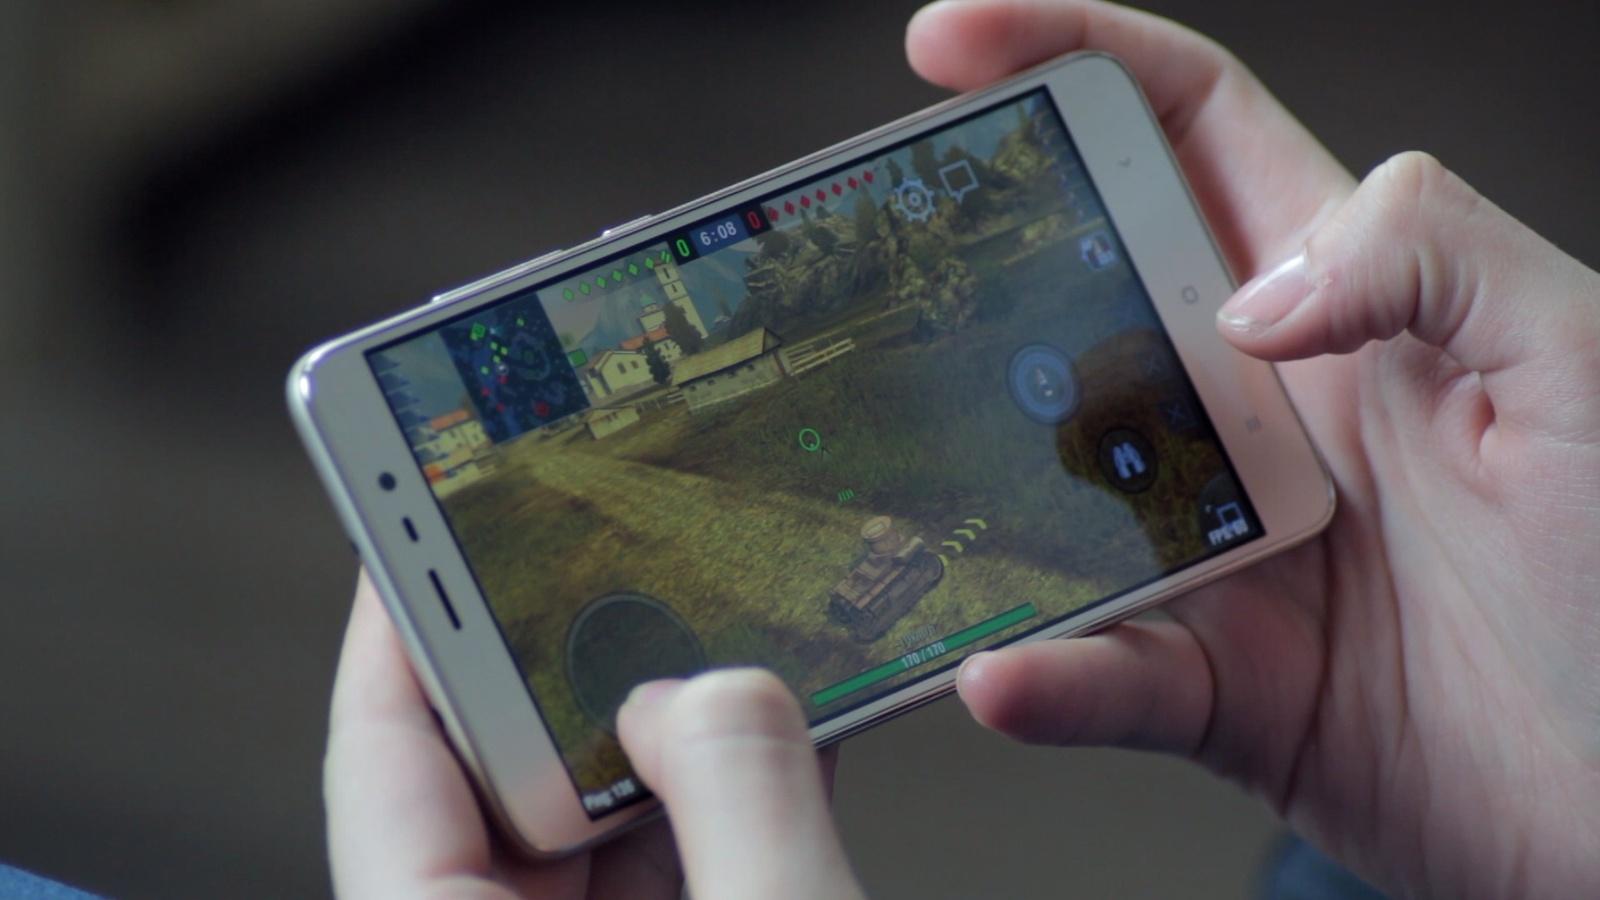 Xiaomi Redmi Note 3 Pro 220 73000 Antutu 32 Grey